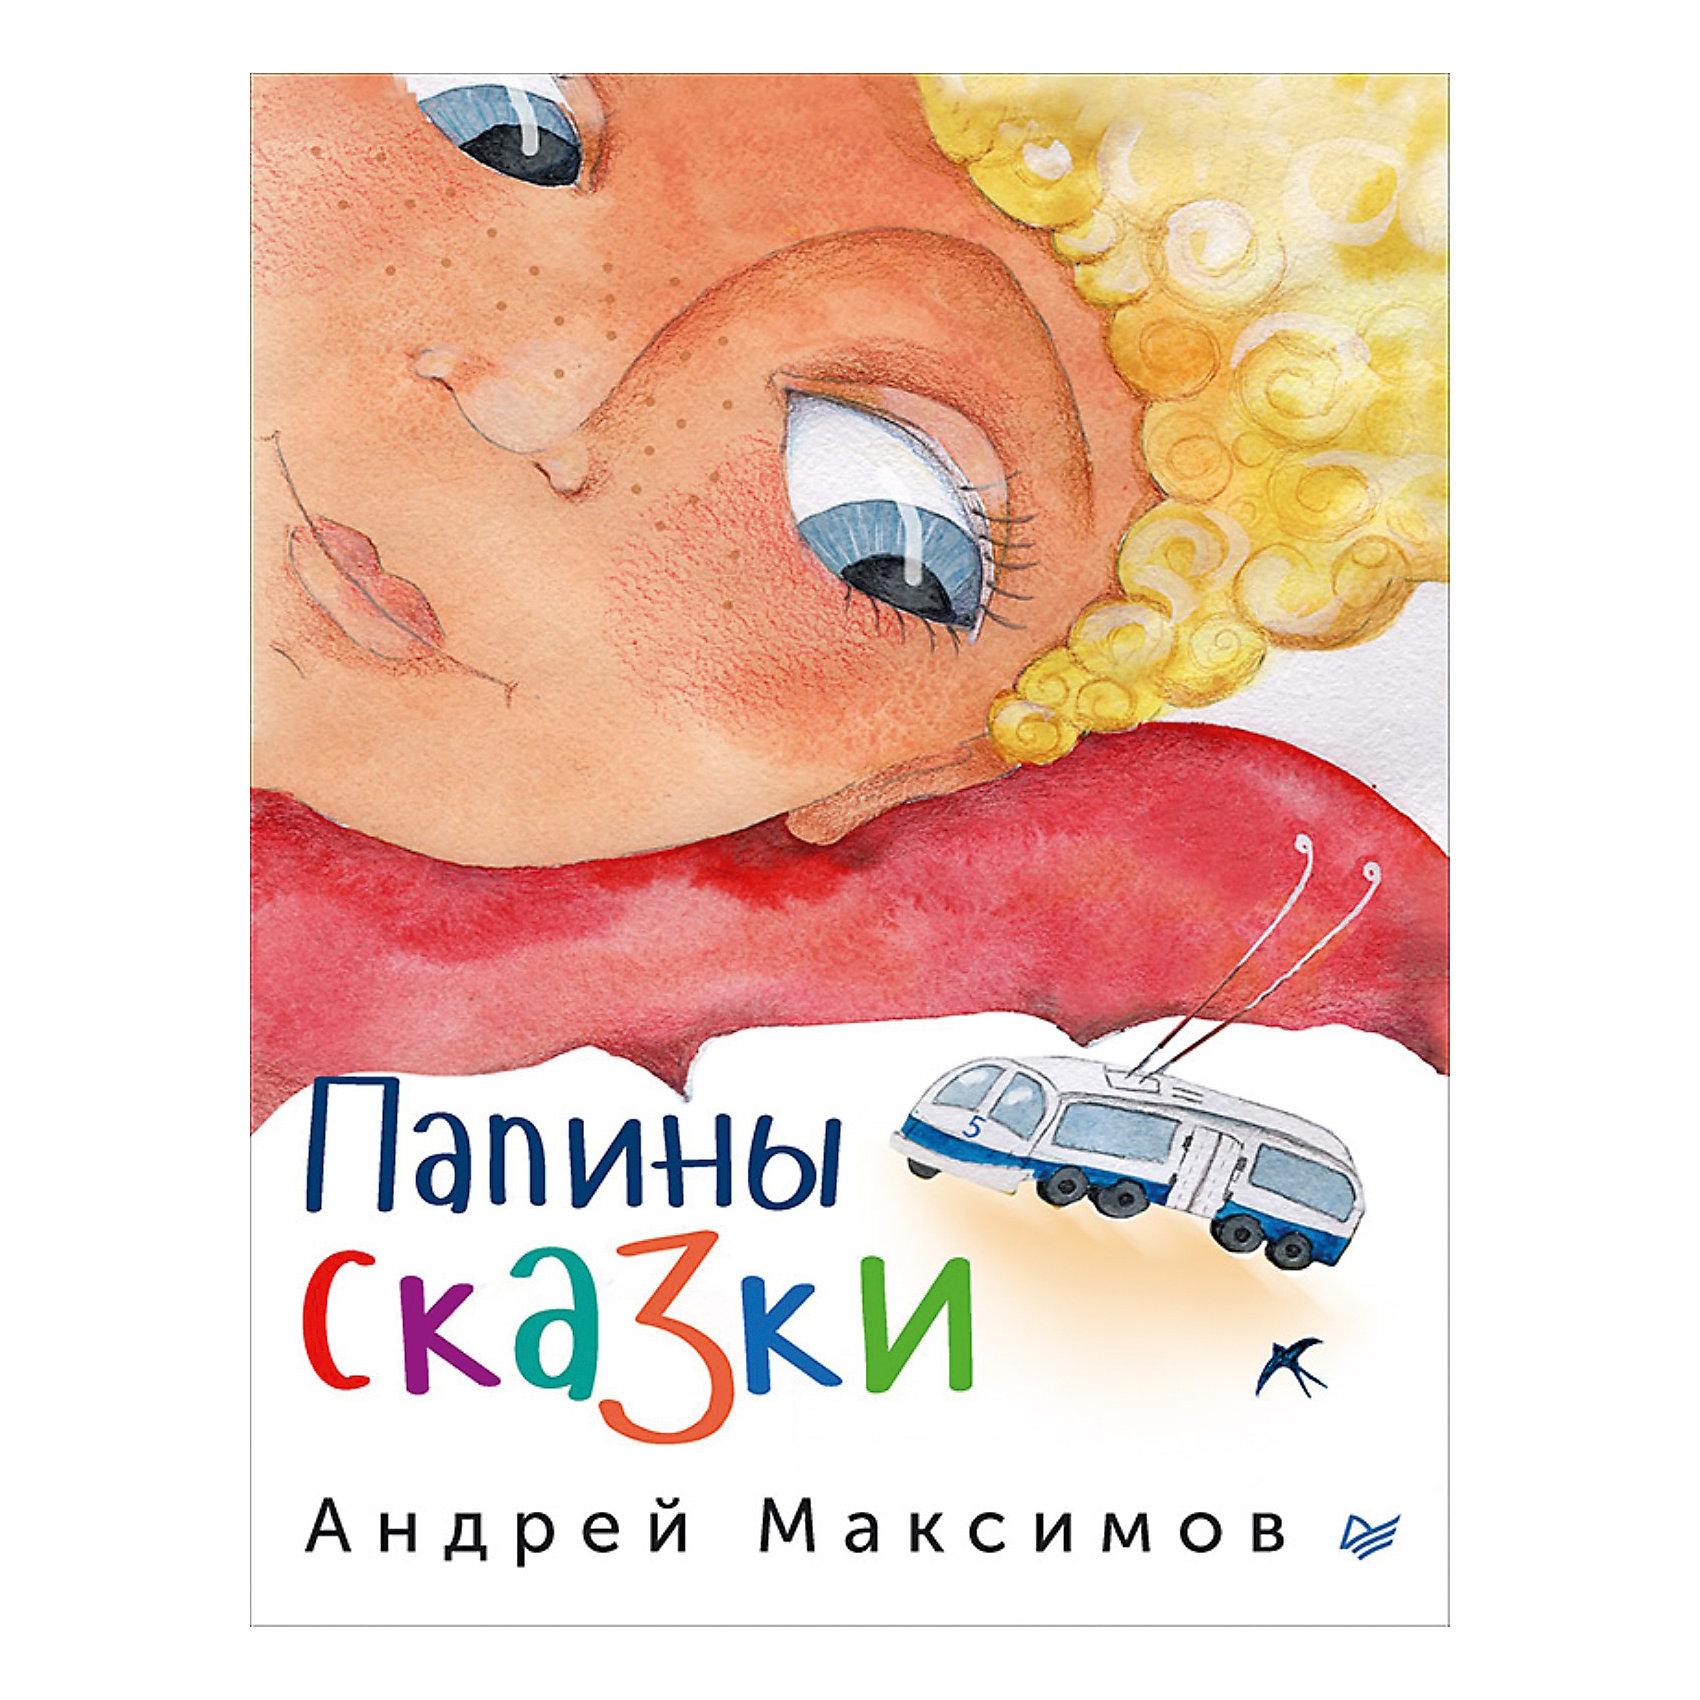 Папины сказки, А.М. МаксимовПеред Вами — совершенно необычная книга.<br>Во-первых, она обращена к папам — к тем замечательным отцам, которые понимают, что помимо работы надо ещё и заниматься своими детьми, иначе они вырастут в безотцовщине.<br>Во-вторых, это действительно книга для семейного чтения. Истории, рассказанные здесь, могут быть интересны как взрослым, так и детям. Они наверняка дадут повод для совместных бесед и для совместных размышлений.<br><br>Ширина мм: 260<br>Глубина мм: 201<br>Высота мм: 11<br>Вес г: 538<br>Возраст от месяцев: 72<br>Возраст до месяцев: 2147483647<br>Пол: Унисекс<br>Возраст: Детский<br>SKU: 5018108